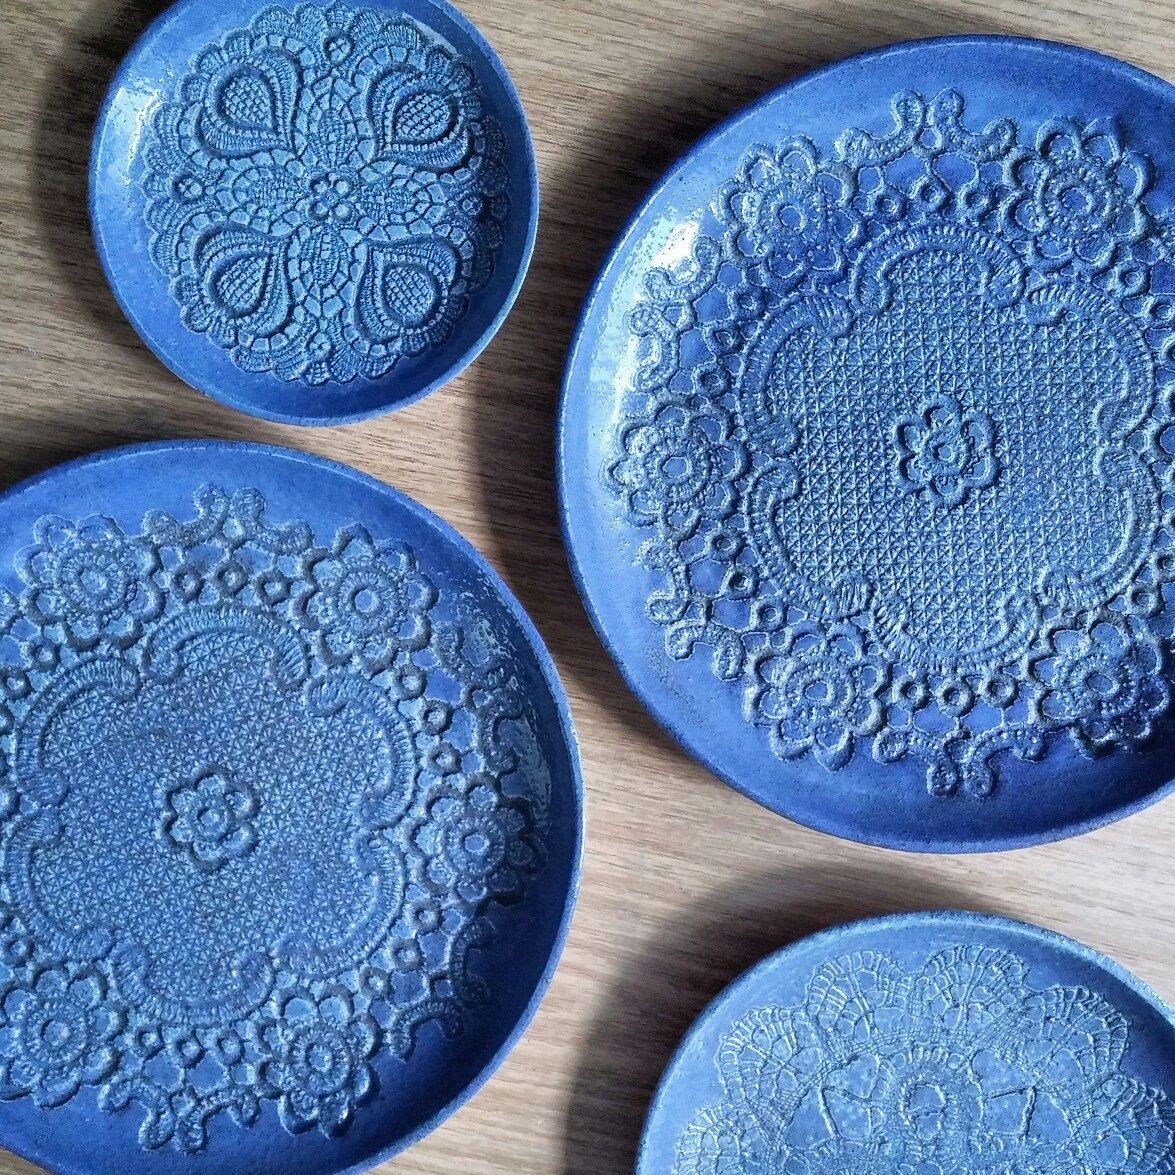 Dekorative Teller, blau Keramik Teller, Teller Set, Keramik Schalen ...